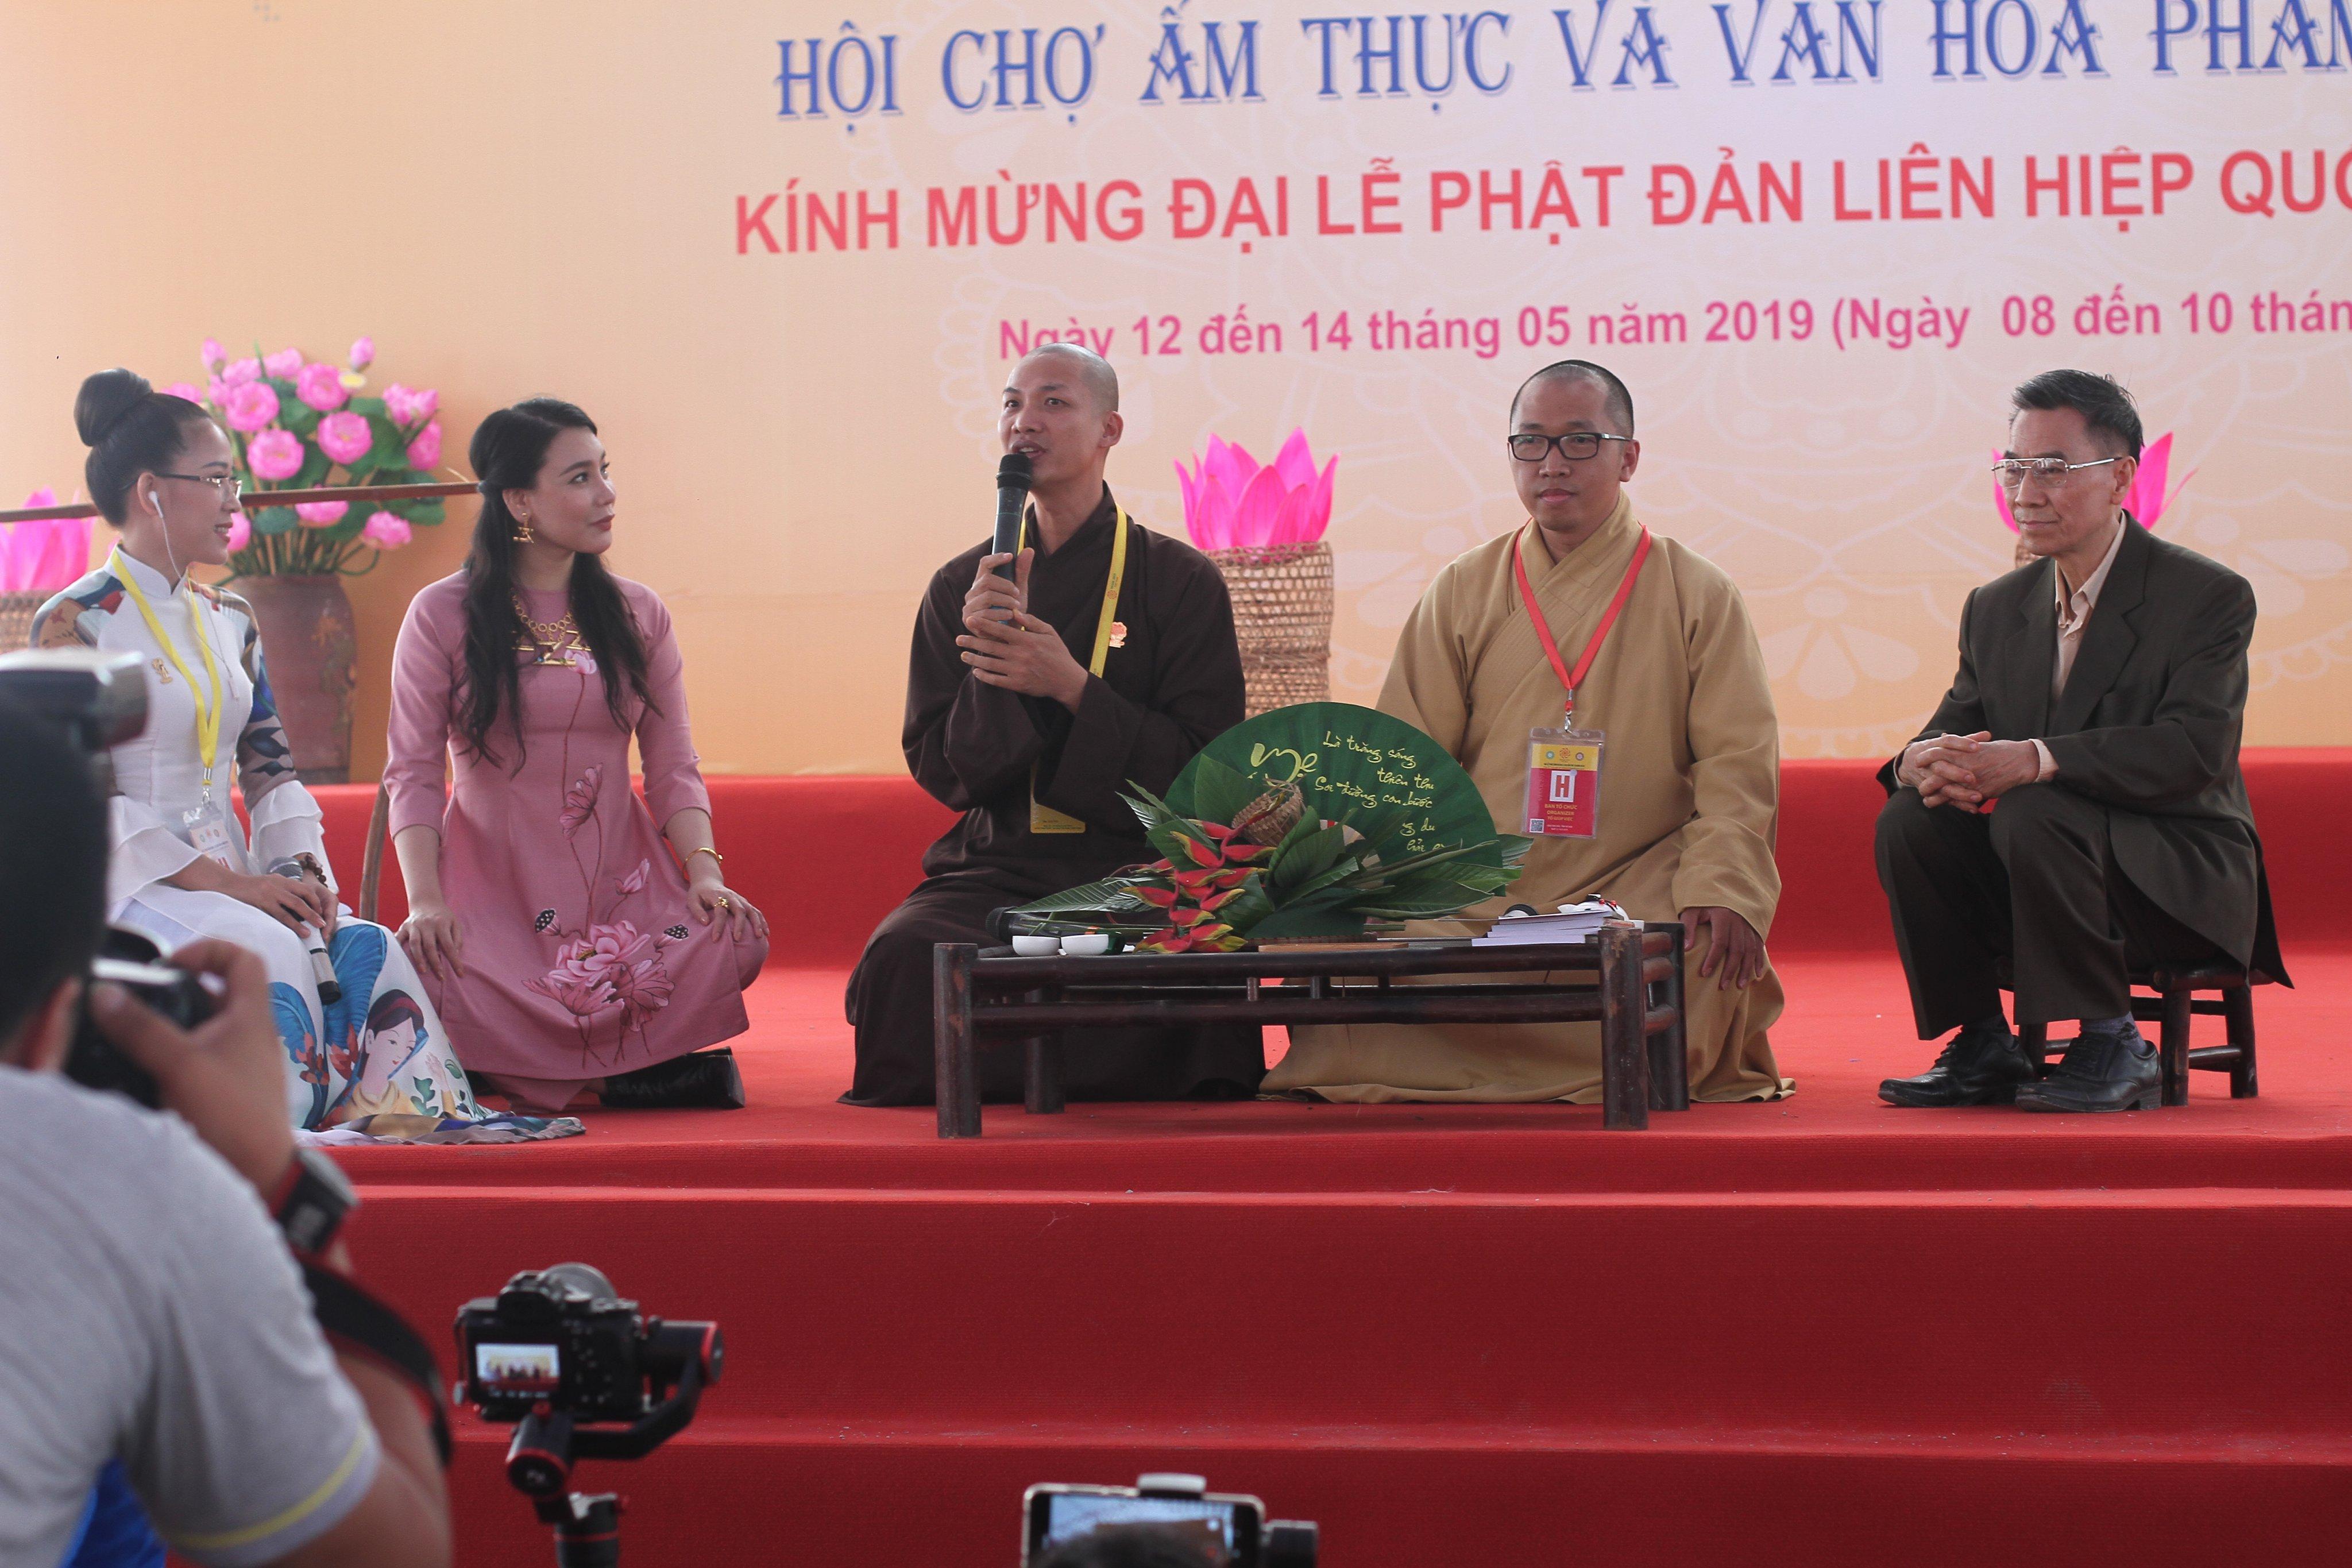 Tọa đàm Văn hóa Phật giáo về việc ăn chay trong an lành